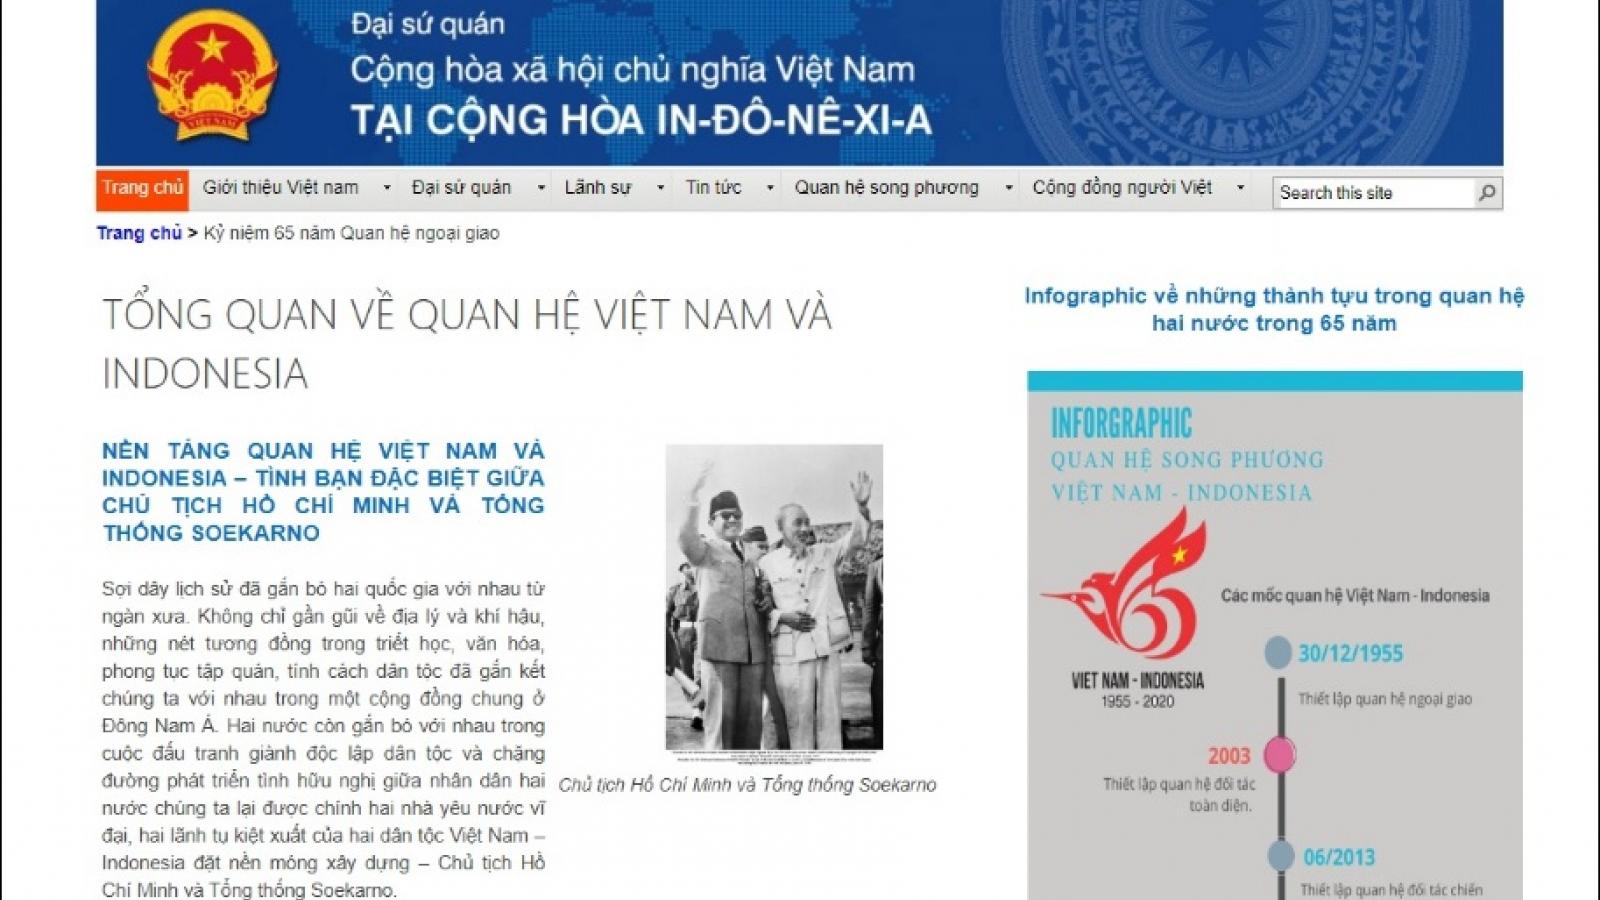 Khai trương trang chuyên đề về các hoạt động kỷ niệm 65 năm quan hệ Việt Nam - Indonesia